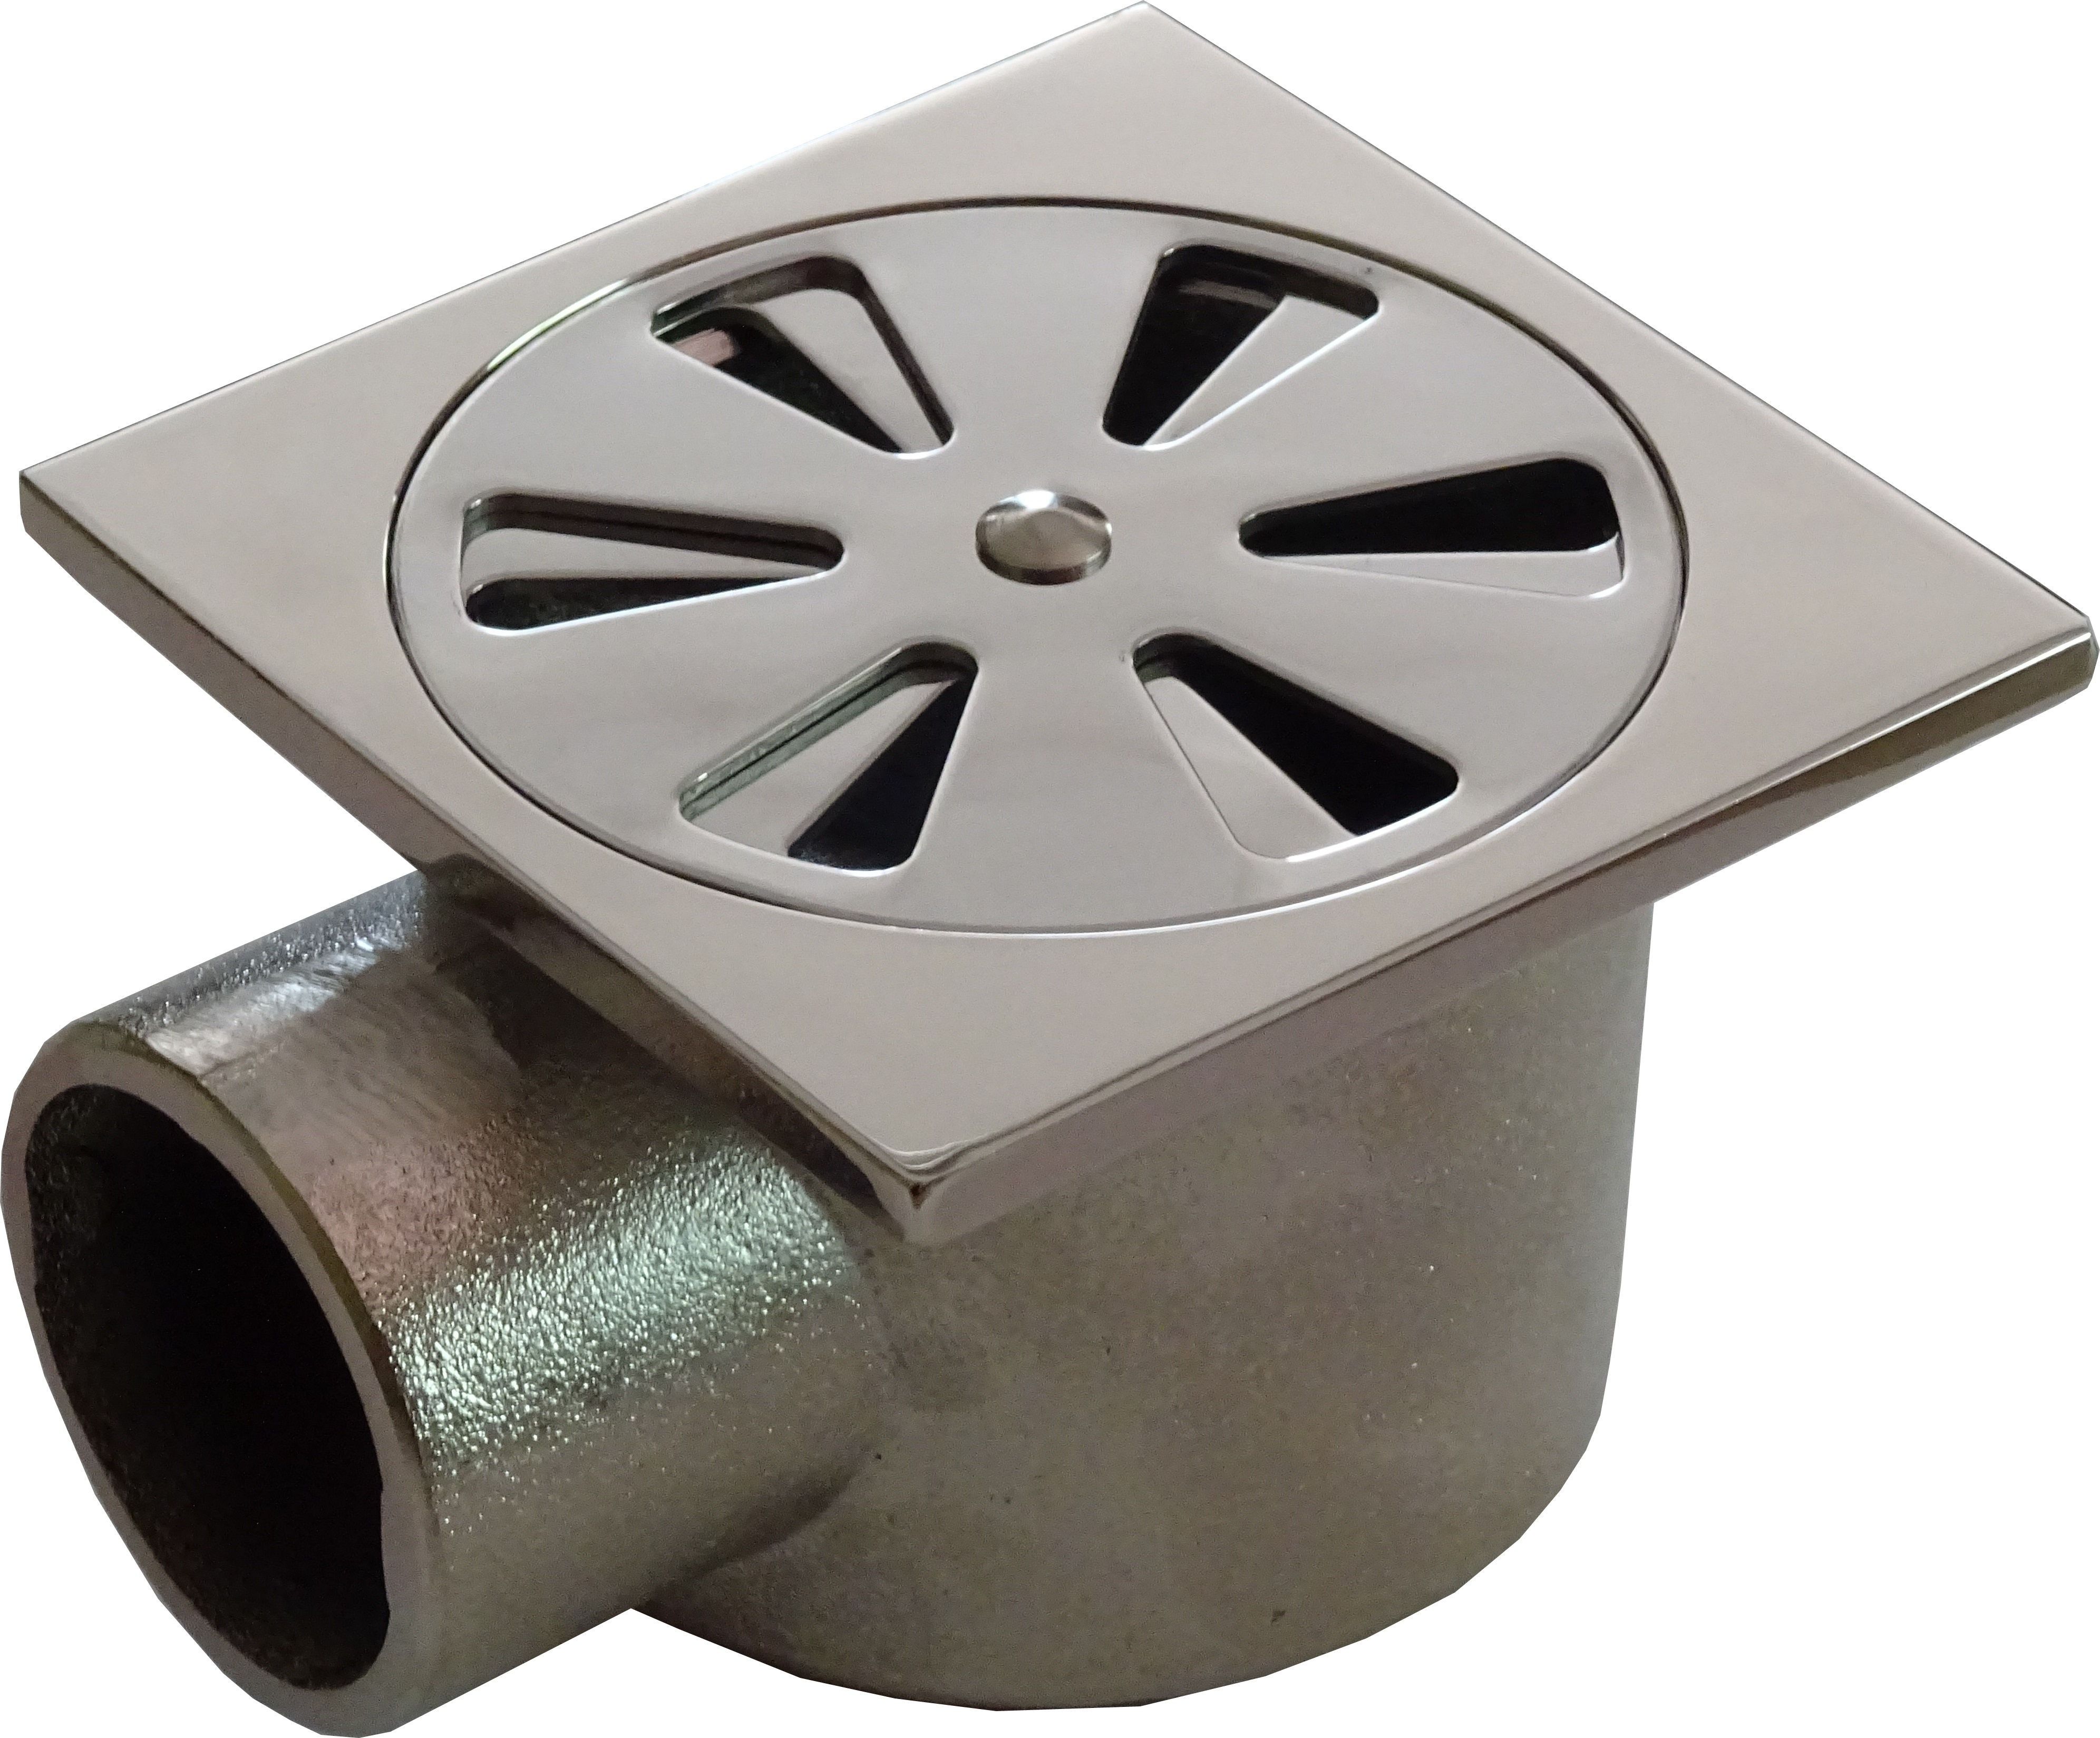 Подов сифон за баня МЕСИНГ със странично оттичане и затваряне на решетката, рогов 100x100 мм Танушев България